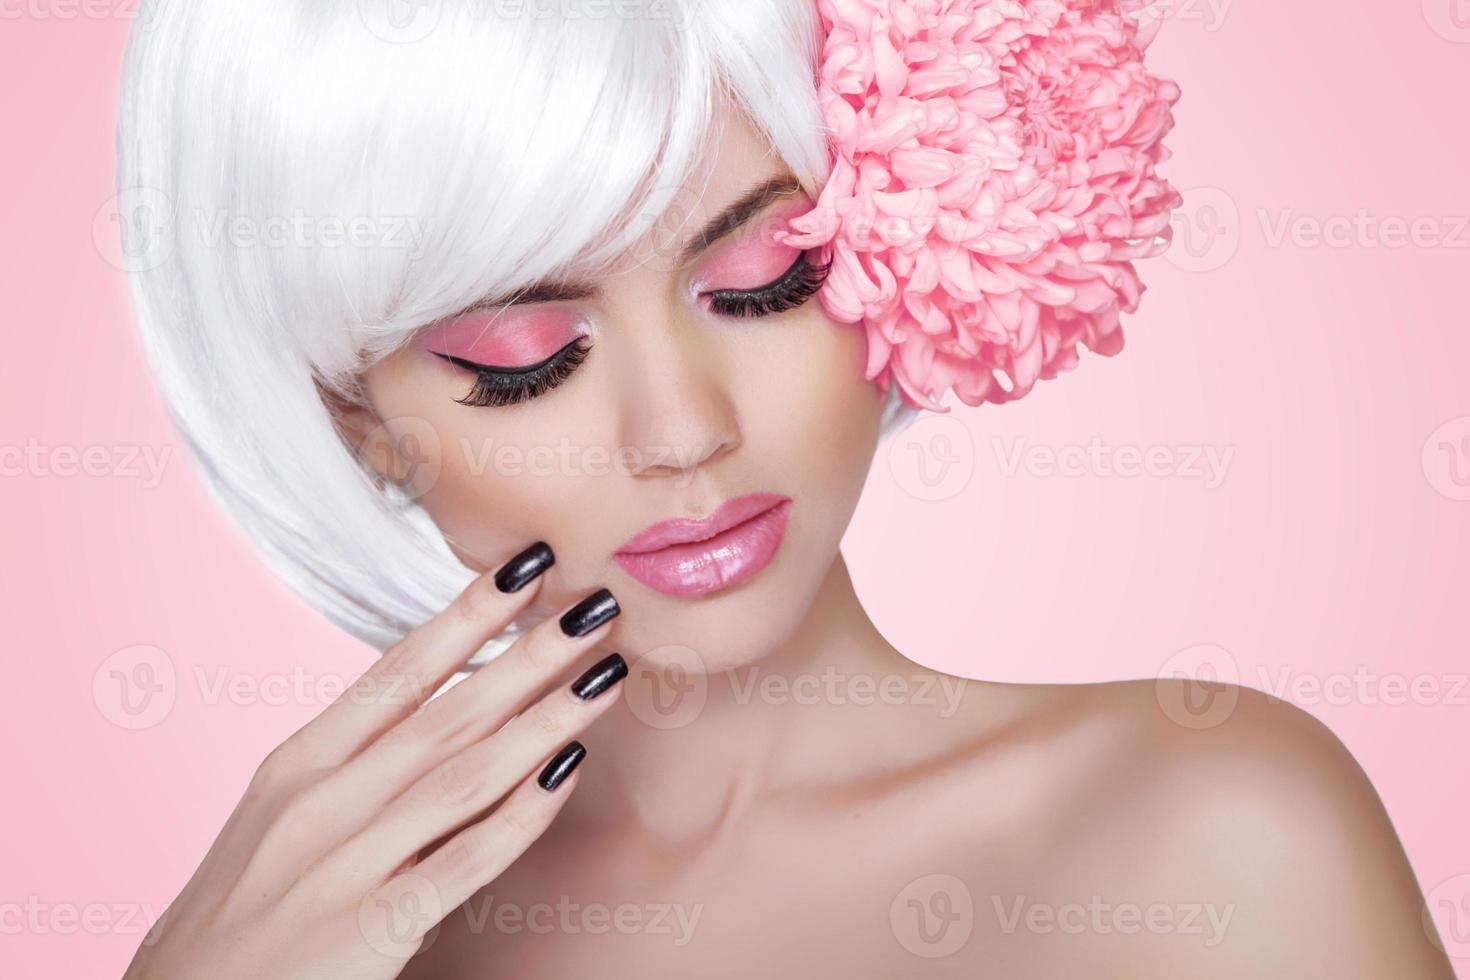 maquillaje. uñas cuidadas Retrato de la muchacha de moda belleza modelo foto